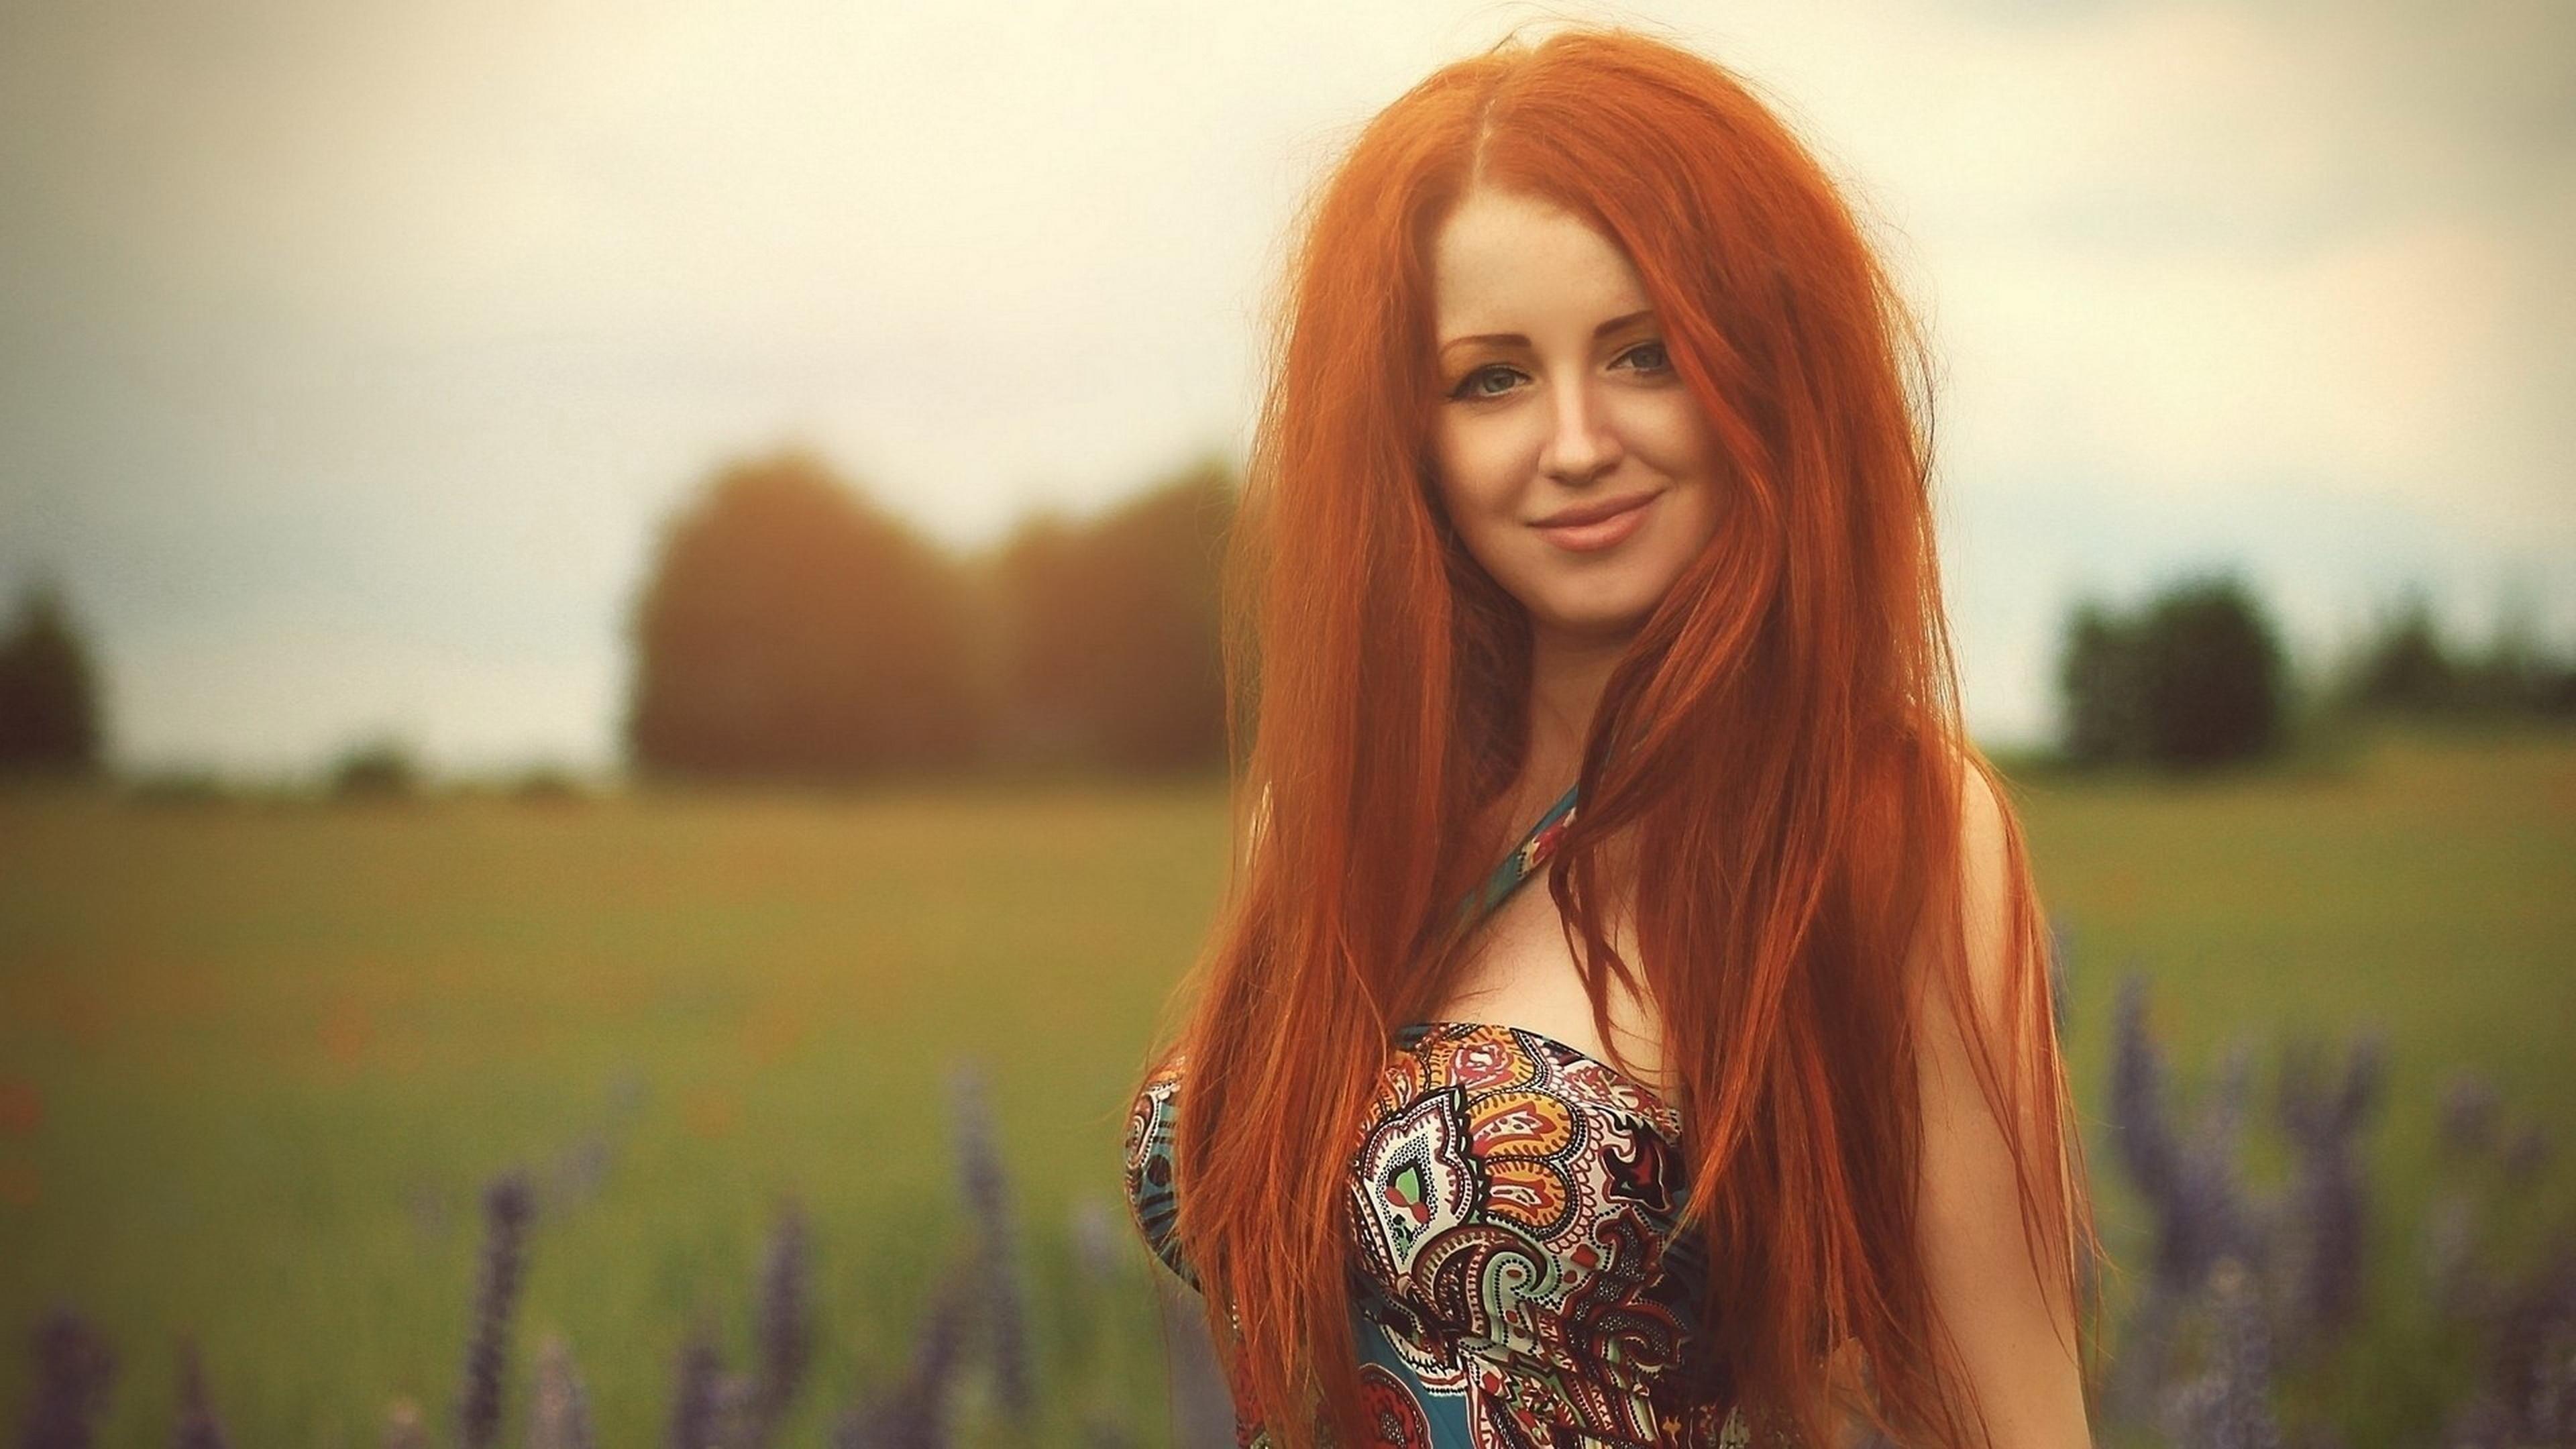 Рыжая девочка с большой грудью фото 1 фотография